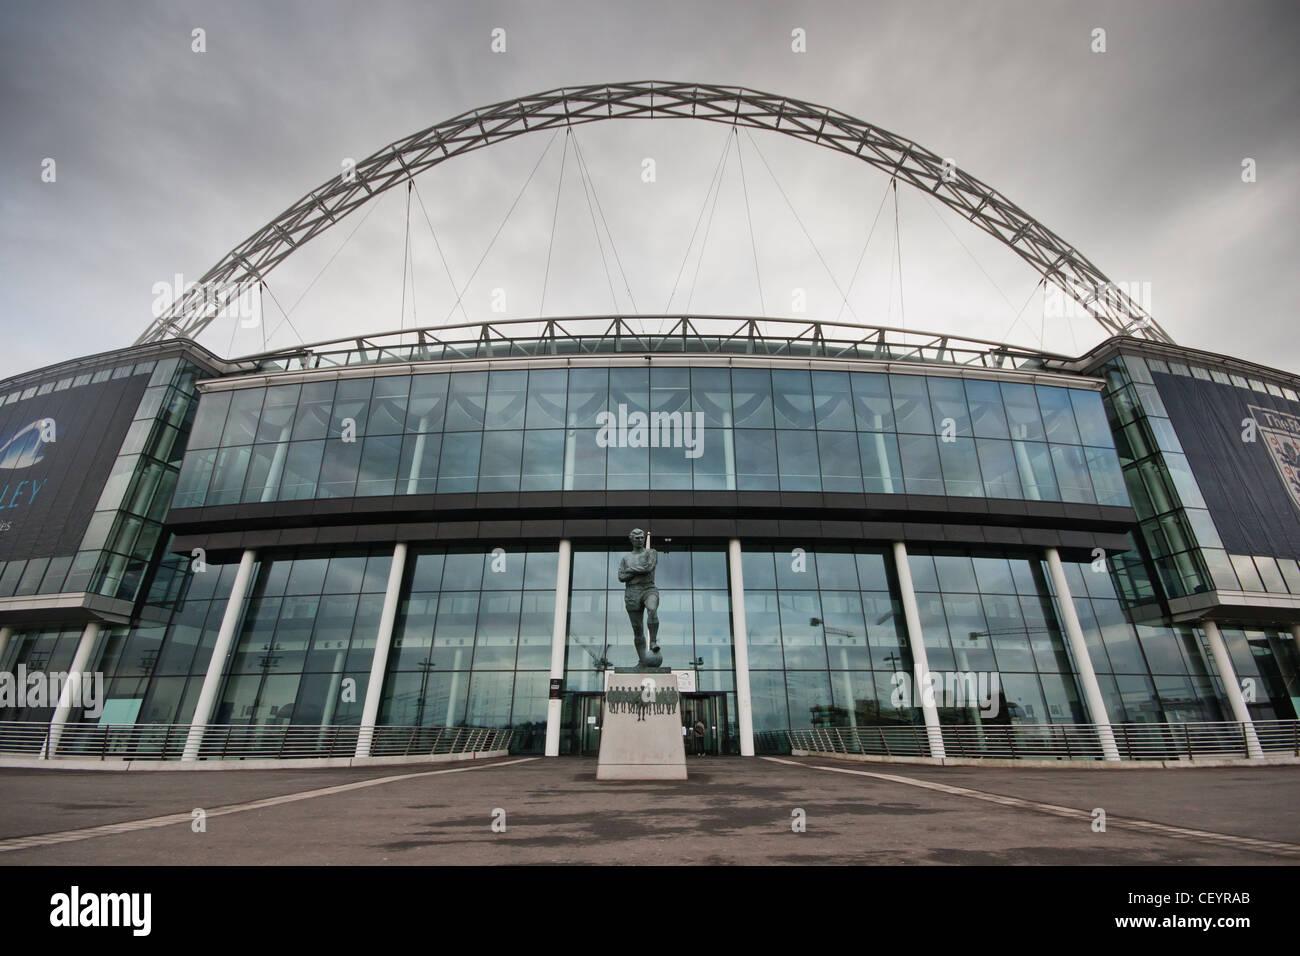 Außenaufnahme des neuen Wembley-Stadion. Austragungsort der Olympischen Spiele 2012 London und Heimat der englischen Stockbild